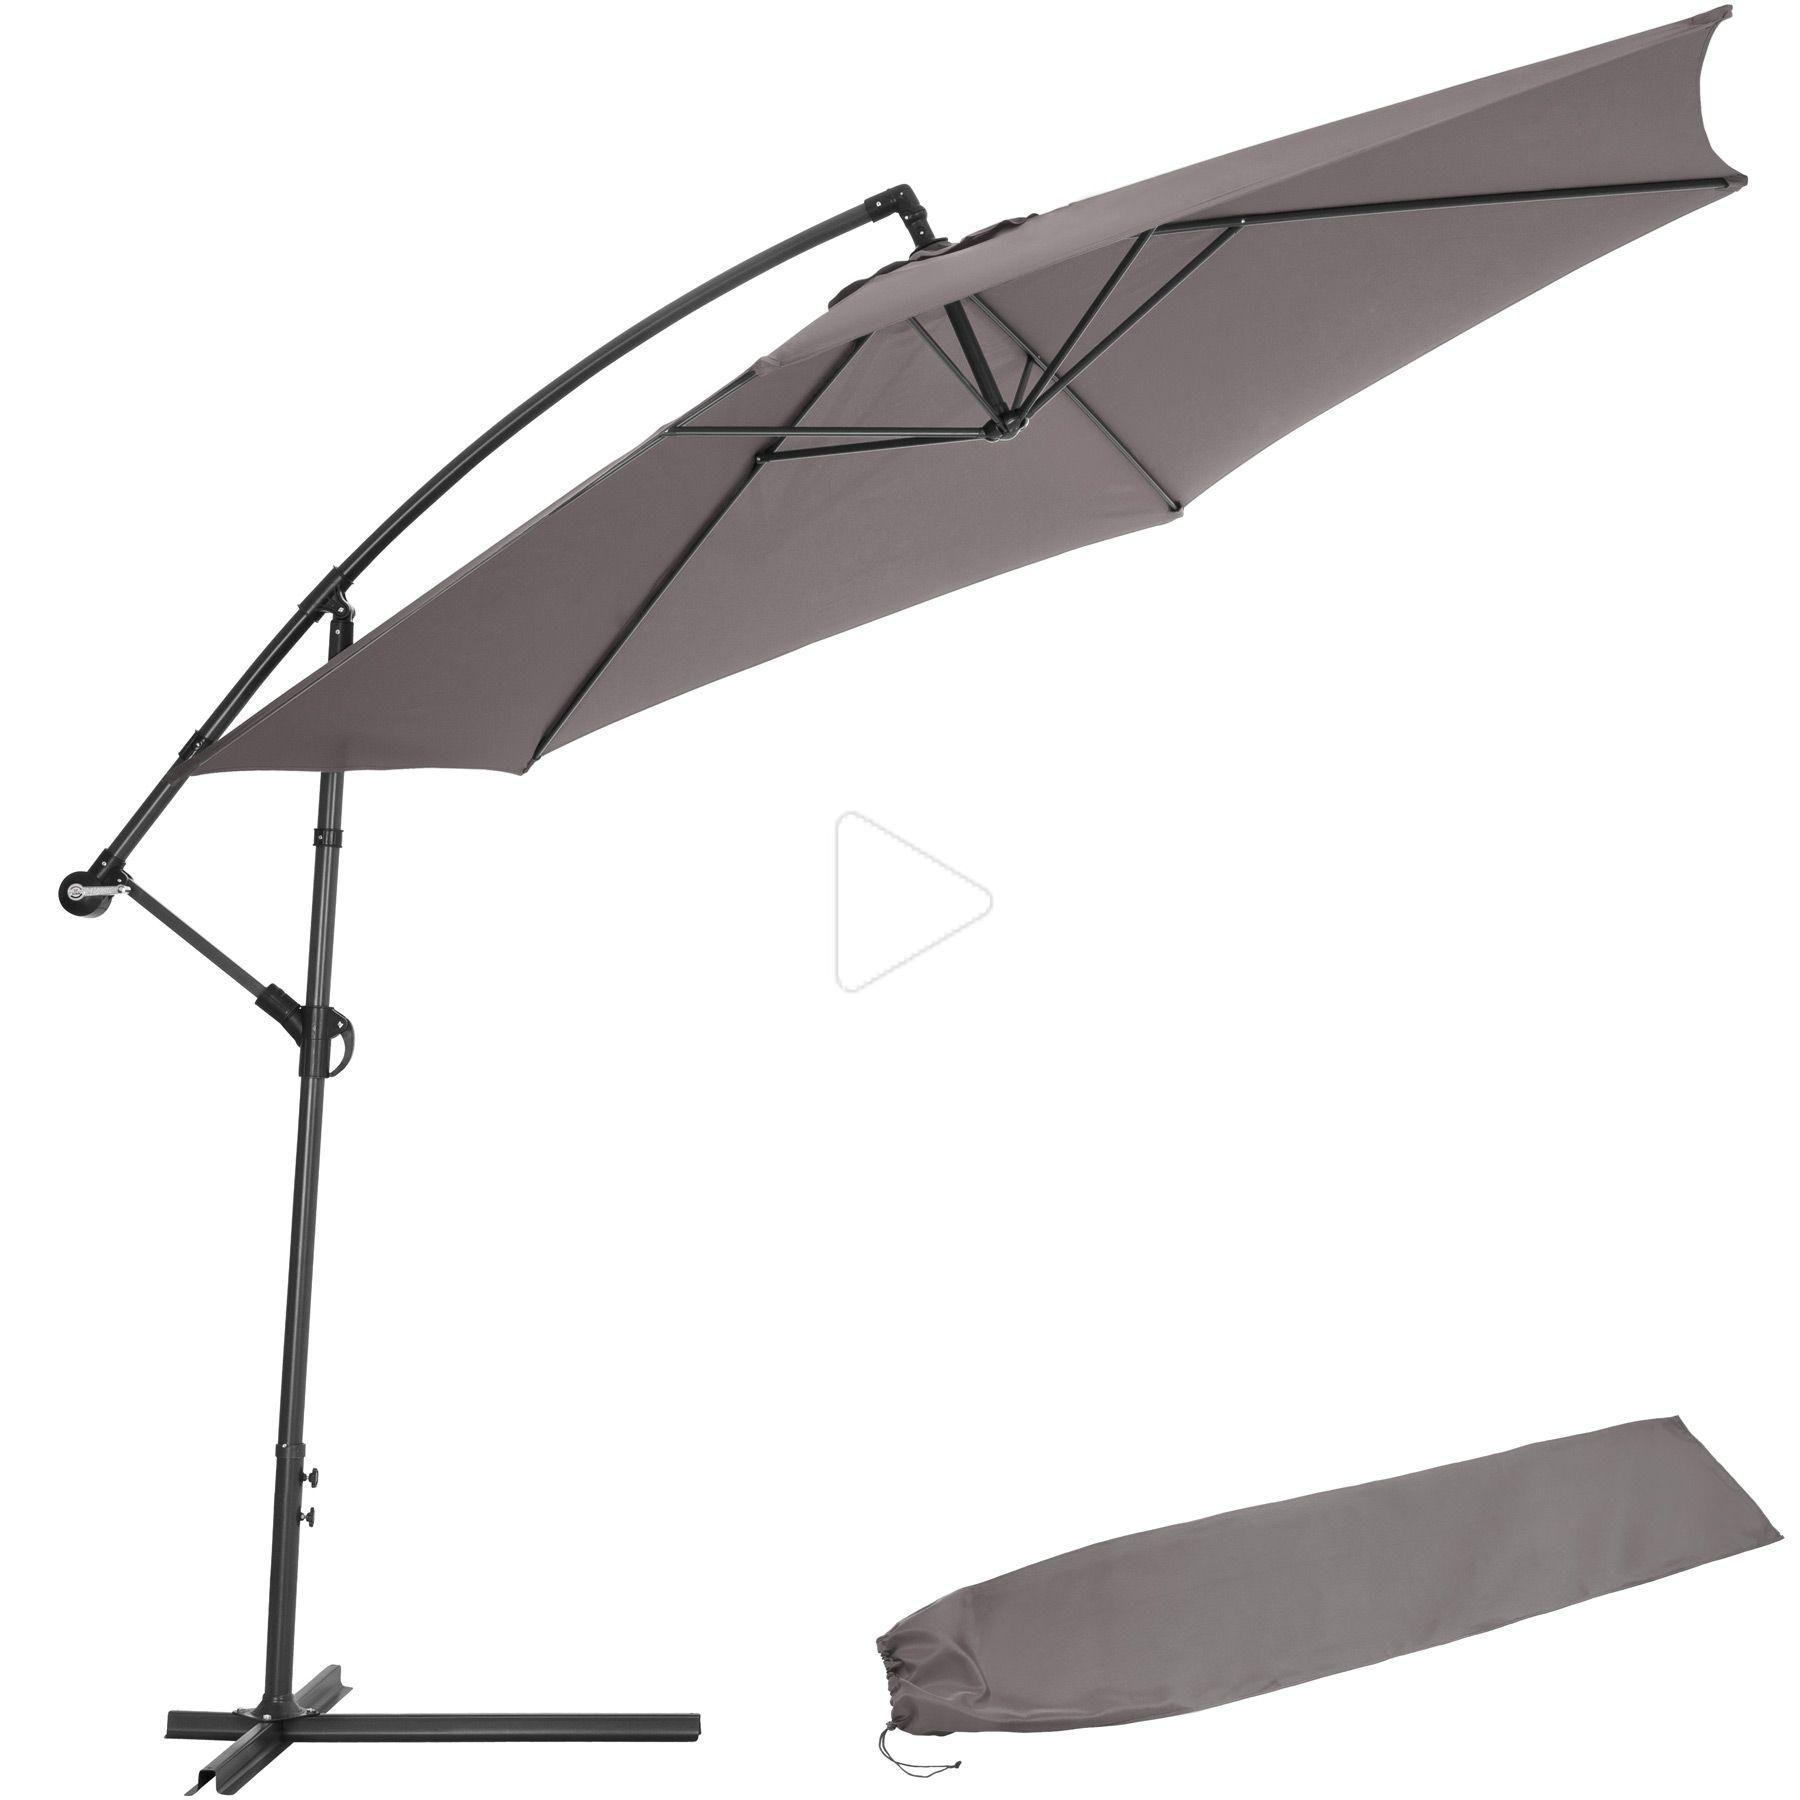 Sonnenschirm Ampelschirm O 350cm Mit Schutzhulle Grau In 2020 Sonnenschirm Ampelschirm Sonnenschirm Ampelschirm